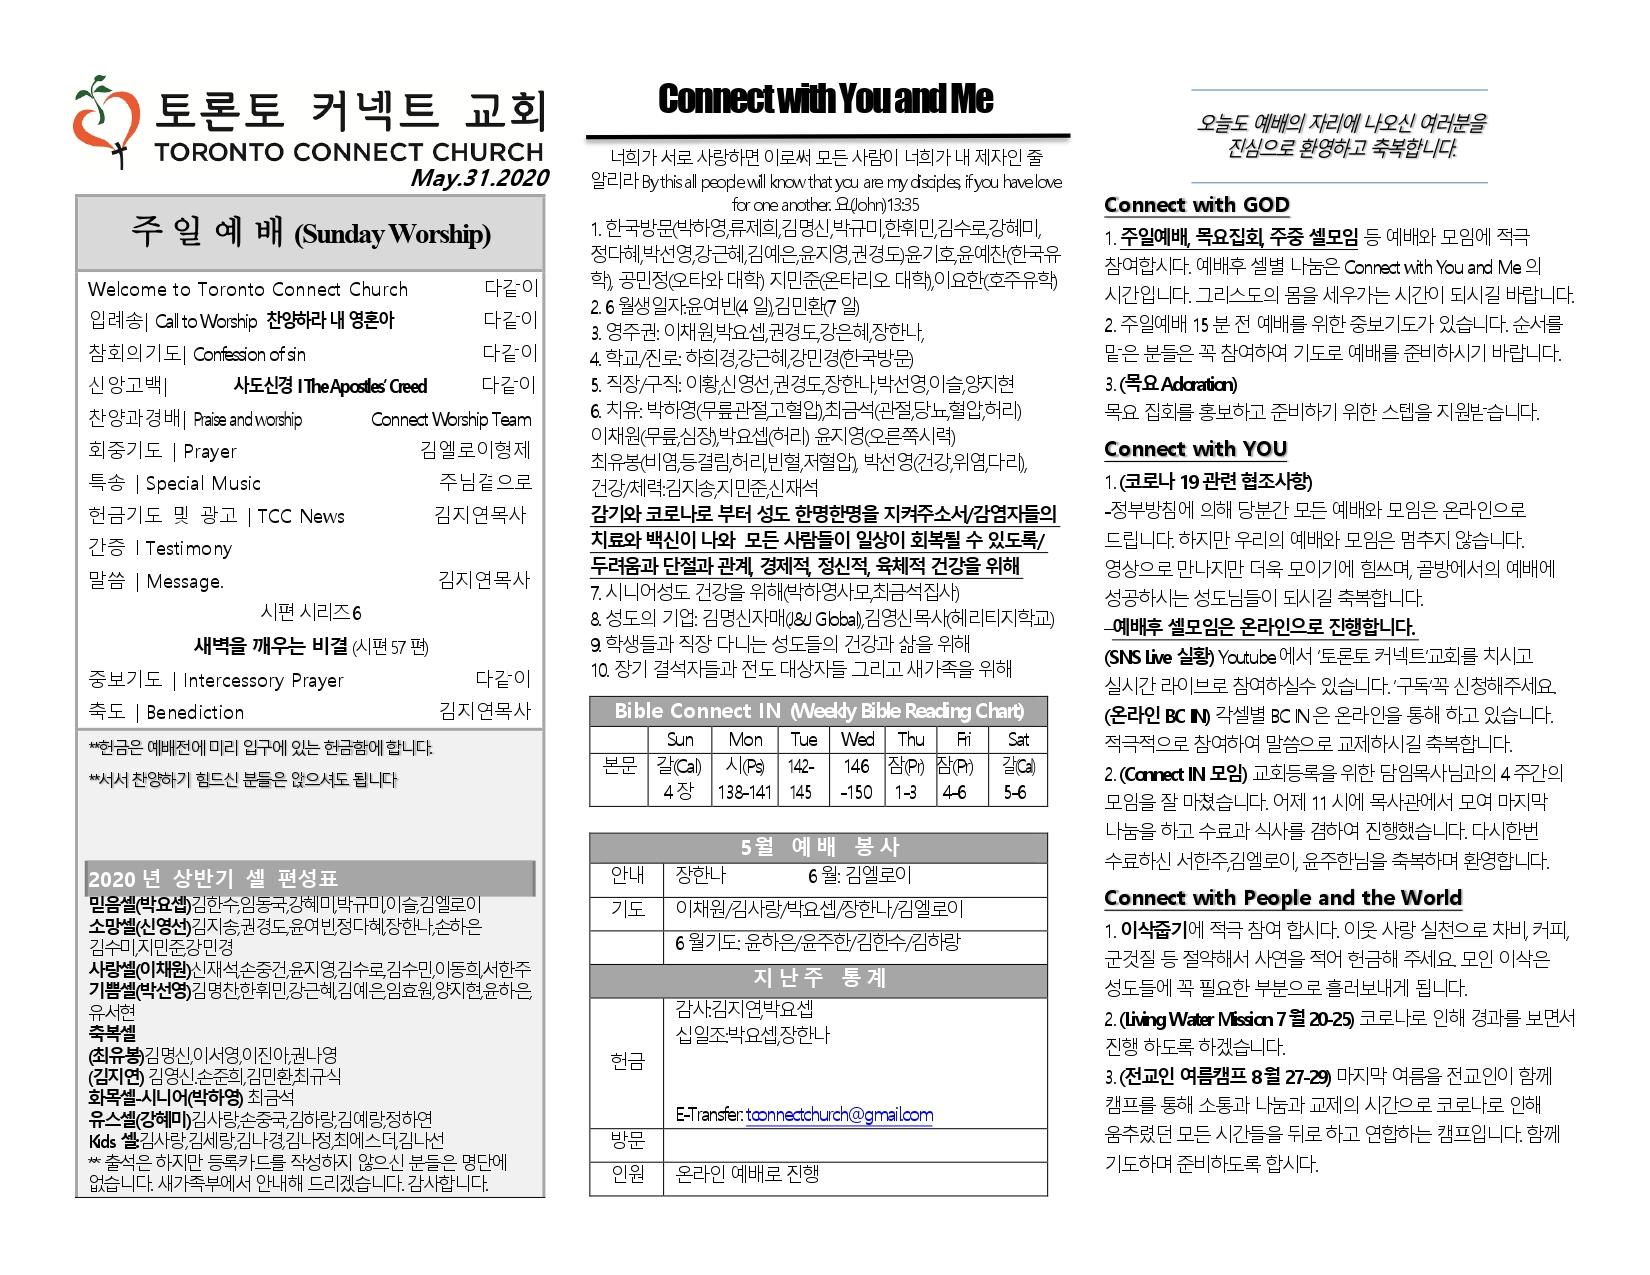 2020_5_31주보_page_0001.jpg